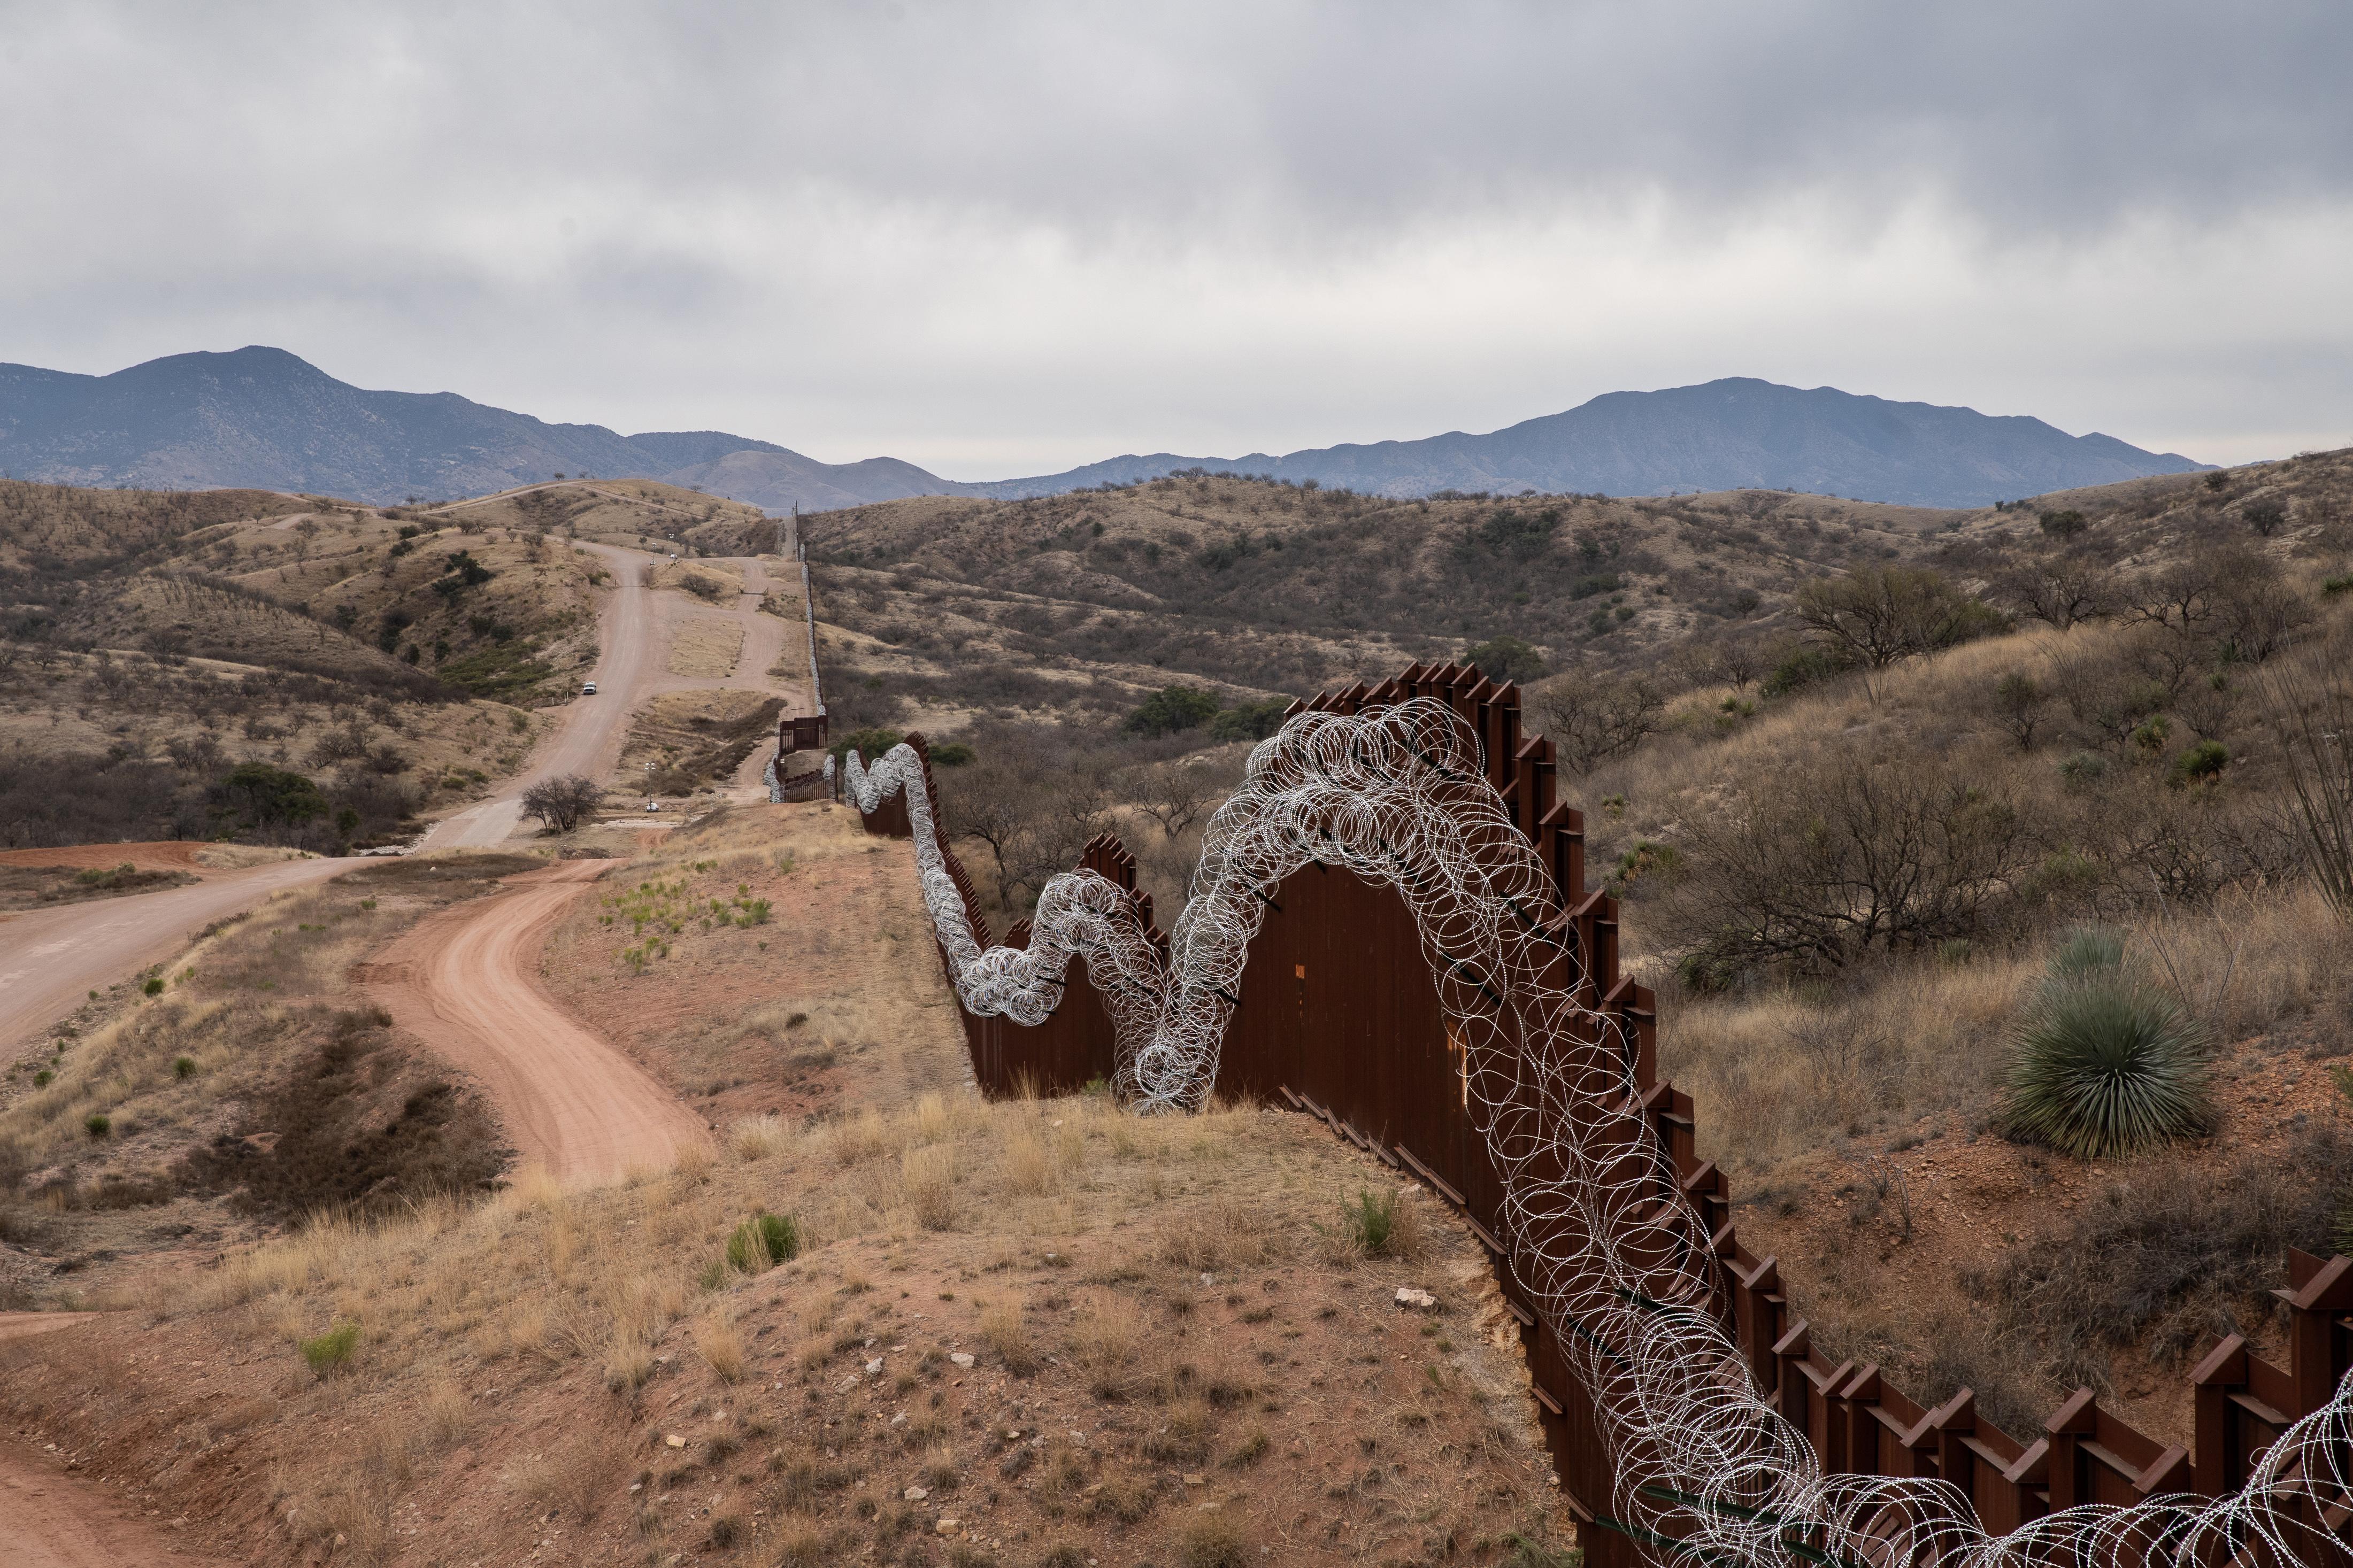 Egy 7 éves indiai kislány elveszett a 42 fokos arizonai sivatagban, már csak a holttestét találták meg